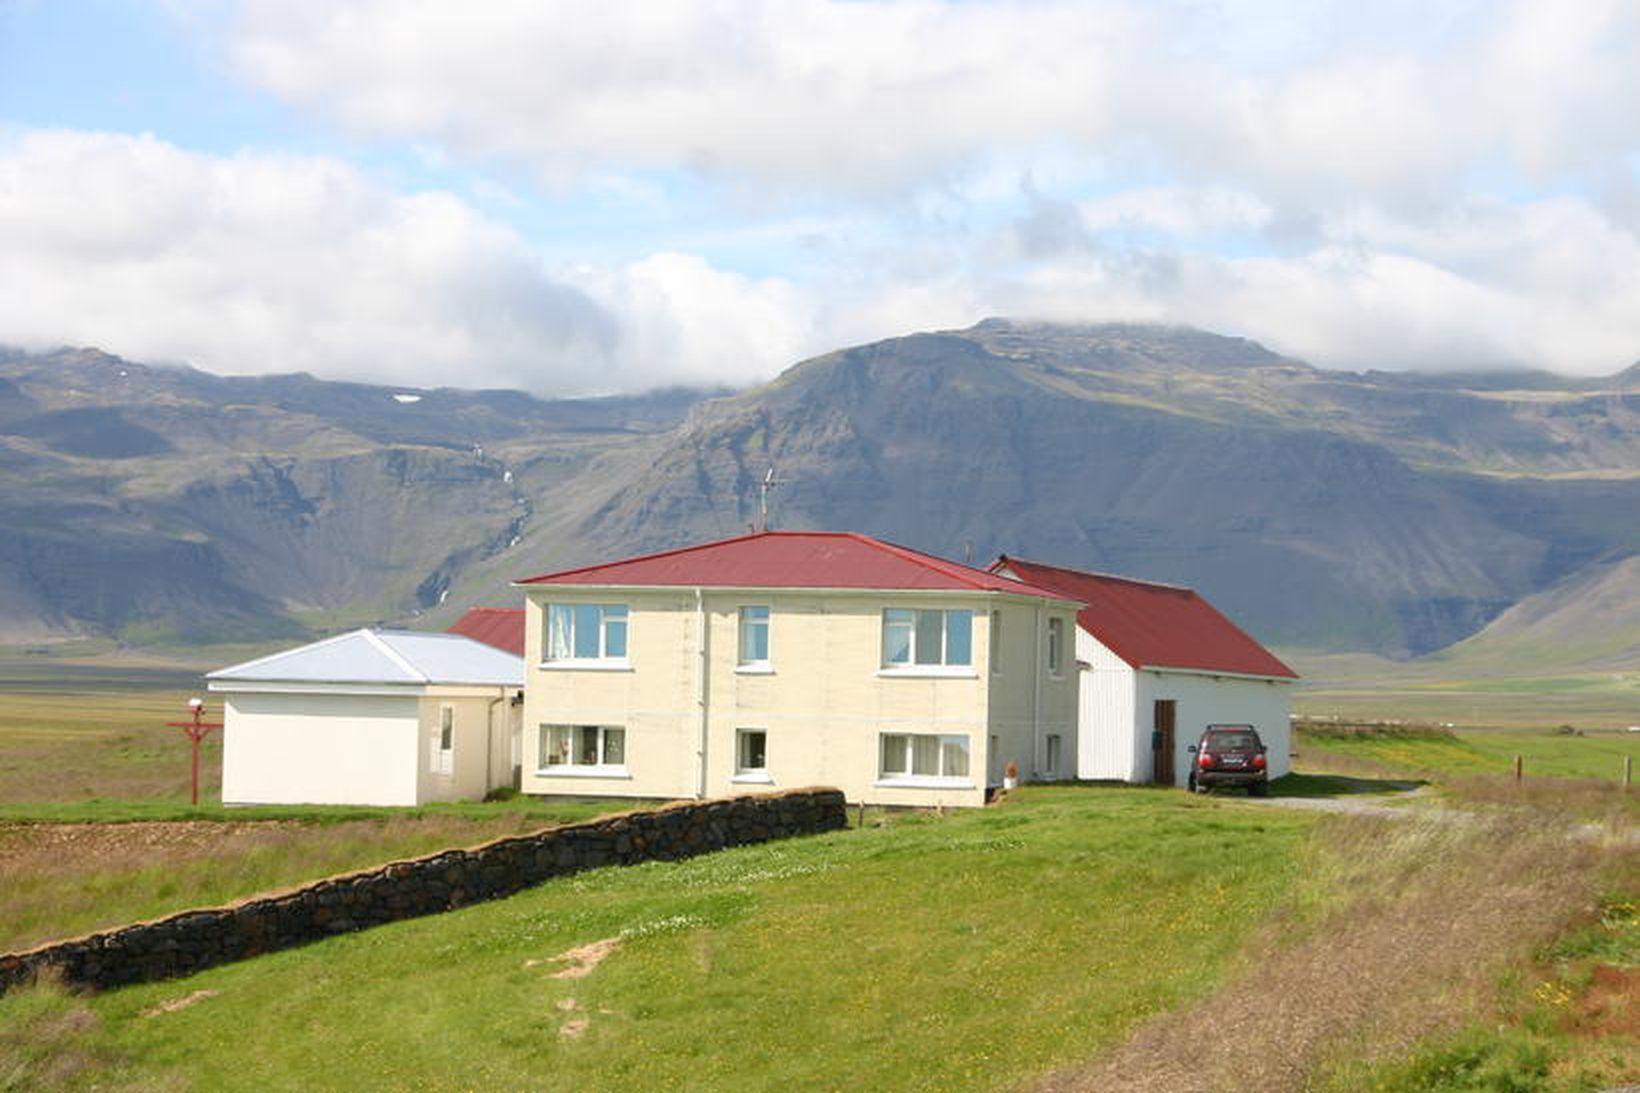 Prestbústaðurinn að Staðastað.